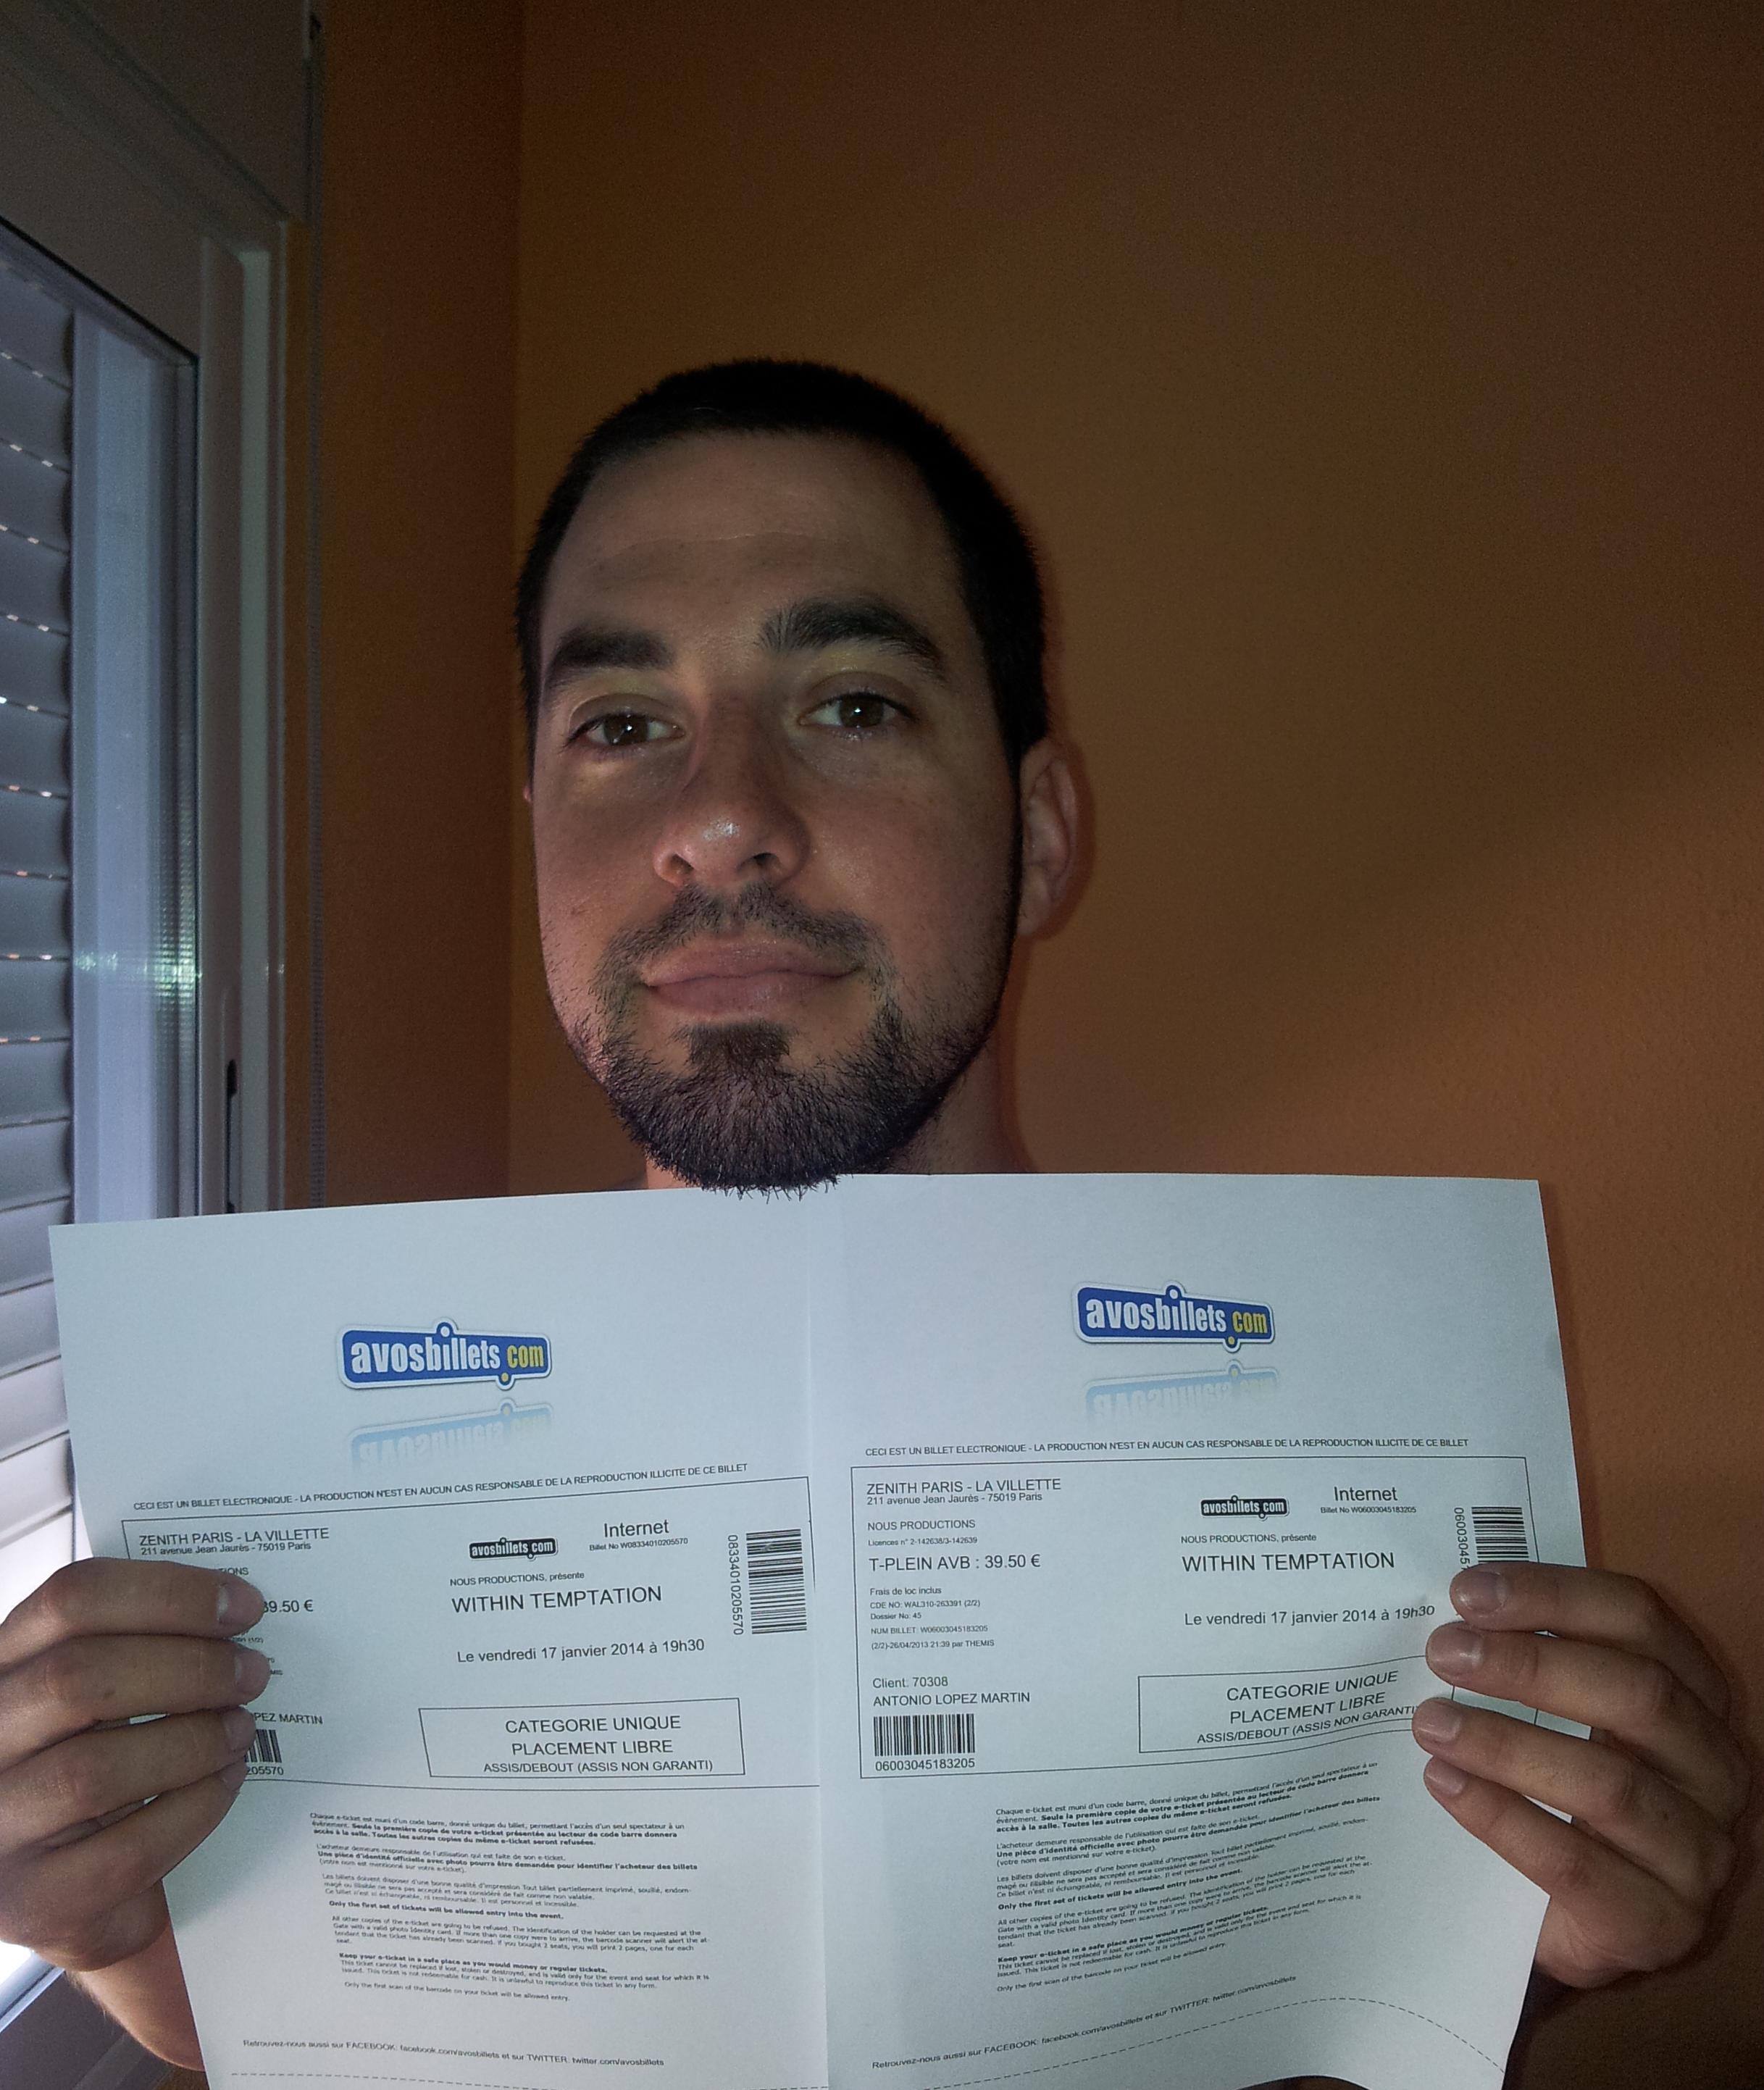 Yujuuu!! Mis entradas para el conciertazo del 17-01-2014 en Paris en el #WTworldtour. Vengo desde Madrid en mi cuarta salida al extranjero para verlos. Estoy deseando verlos y escucharlos de nuevo en directo! WITHIN FOREVER!